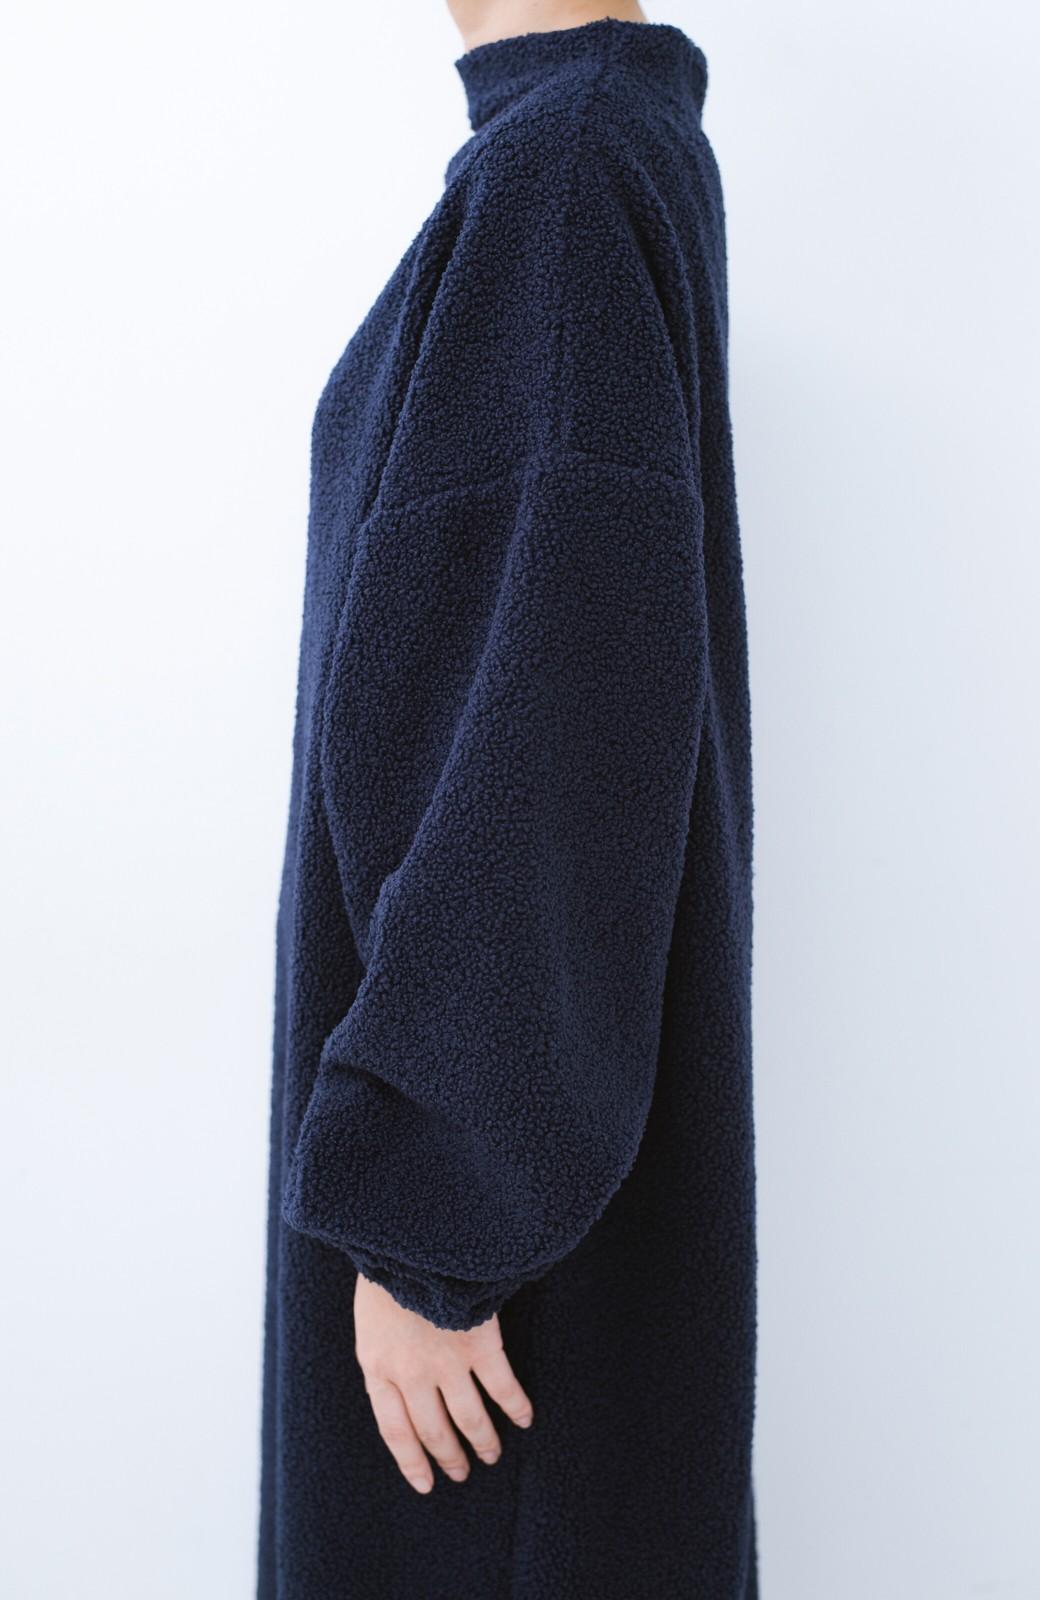 haco! むくみもすぽっと隠してくれる 楽ちんボアロングワンピ&裏起毛レギンスセット【まったり期~もやもや期】女の子バンザイ!プロジェクト  <ネイビー>の商品写真5